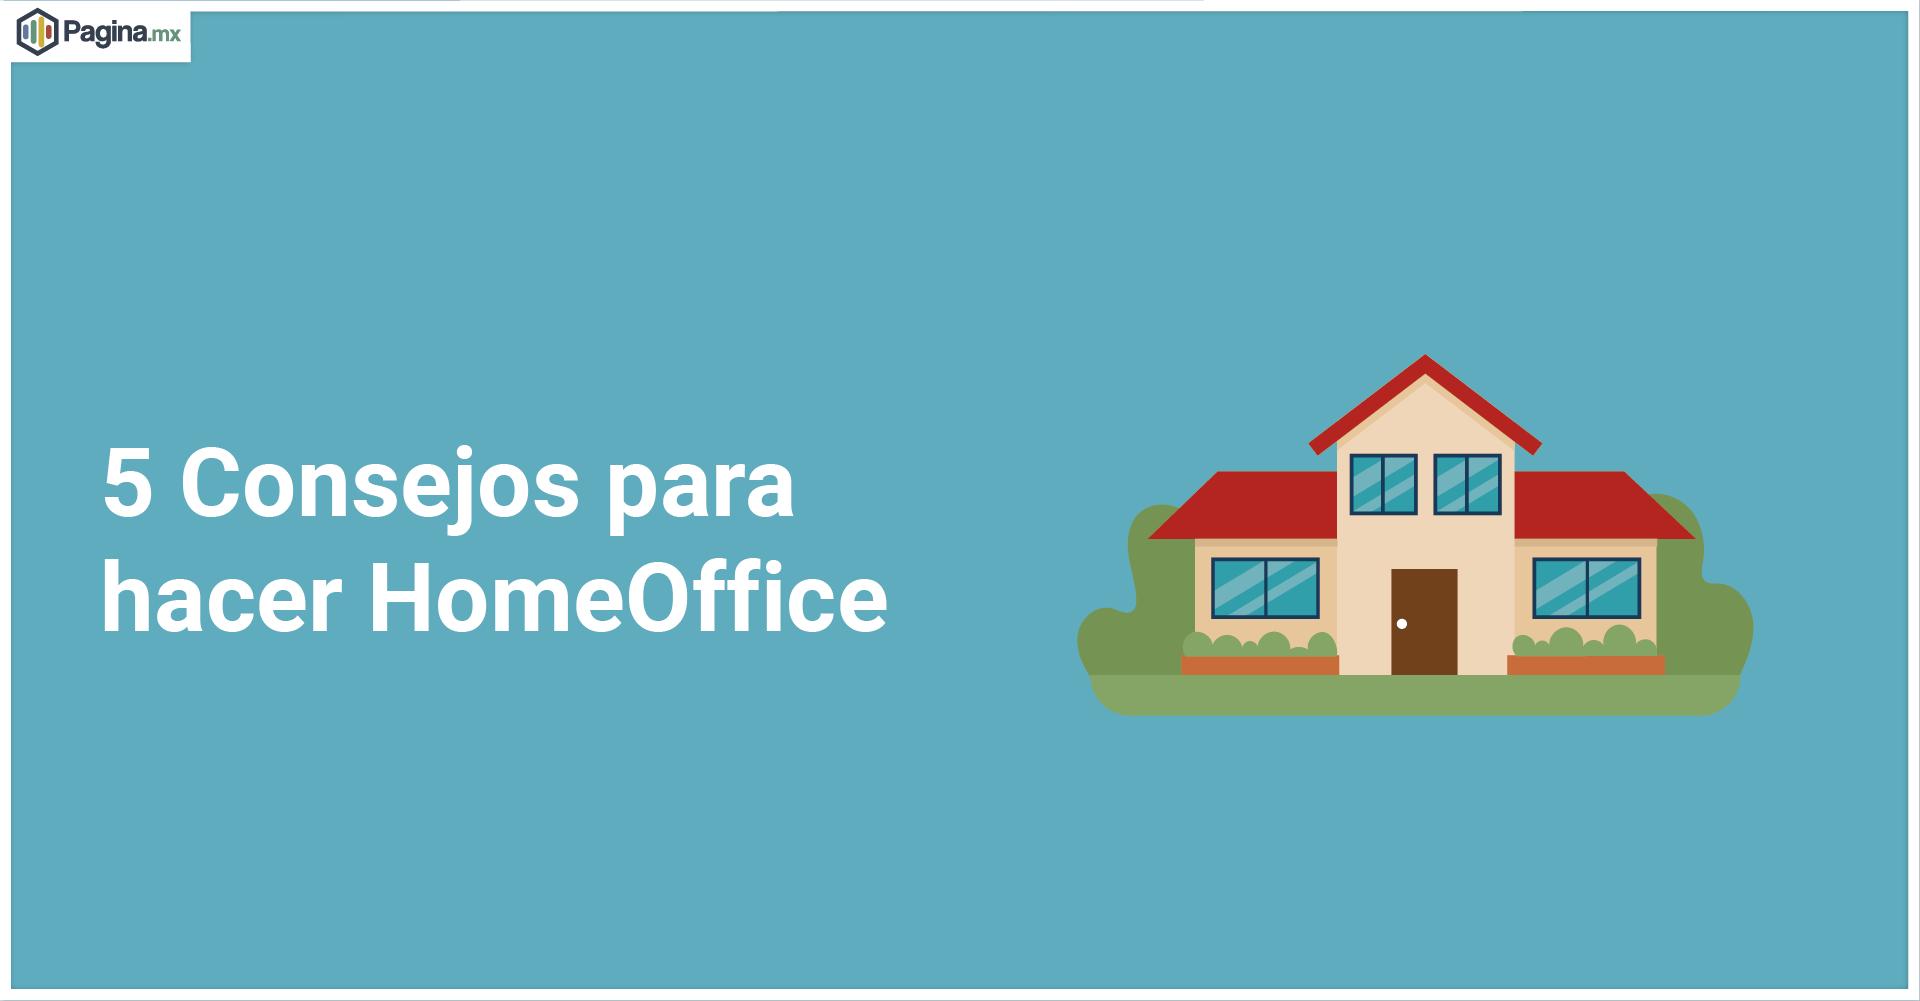 5 Consejos para hacer HomeOffice